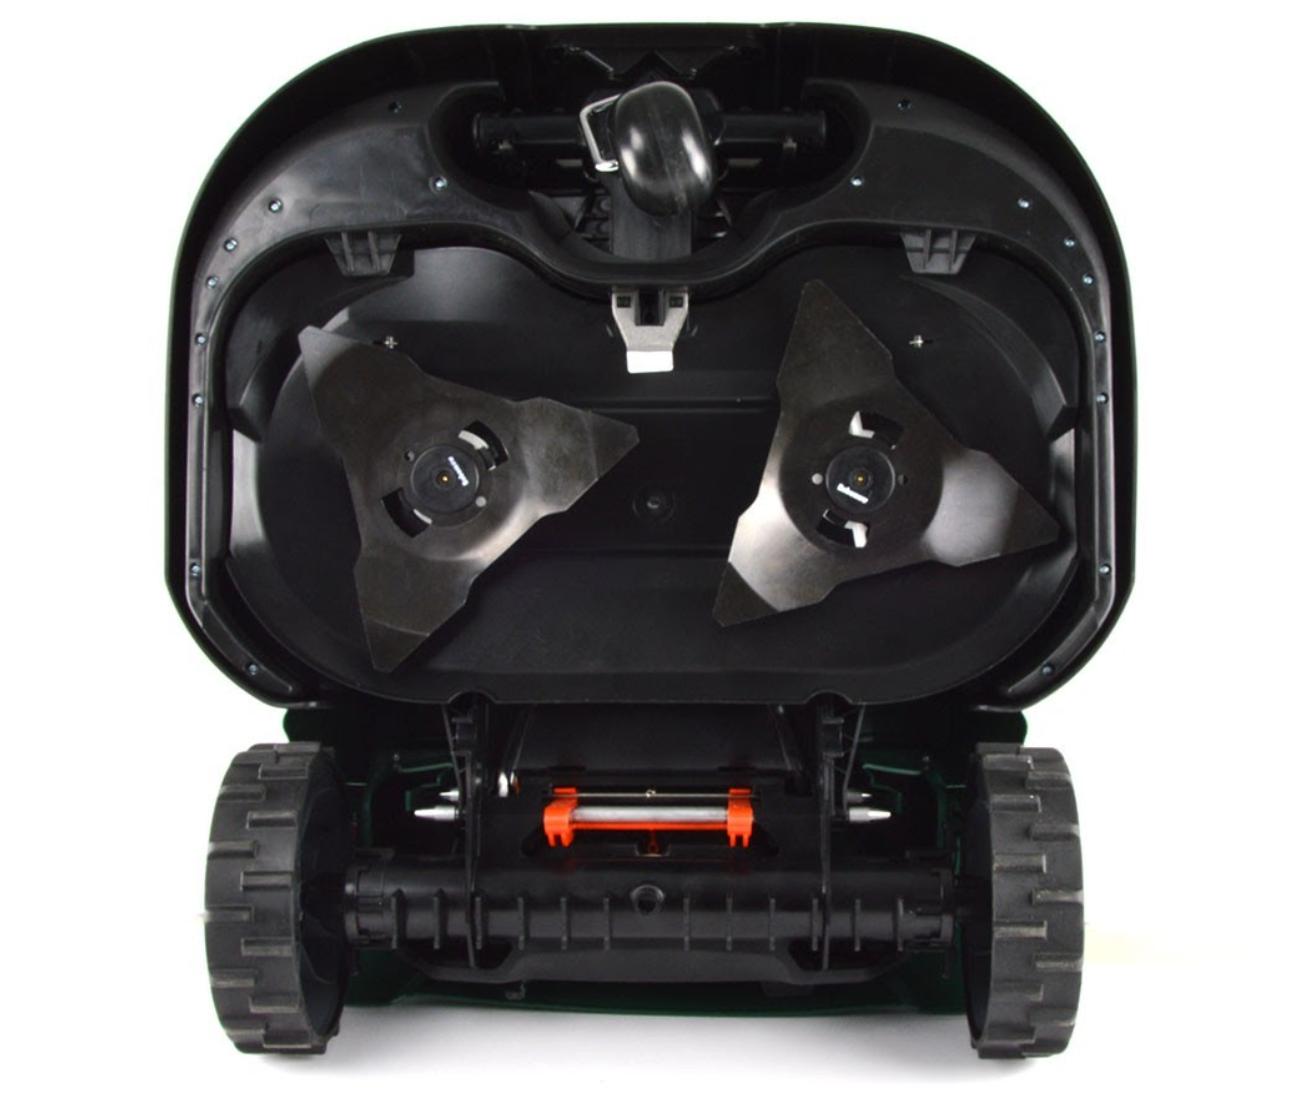 underside of Robomow RS630